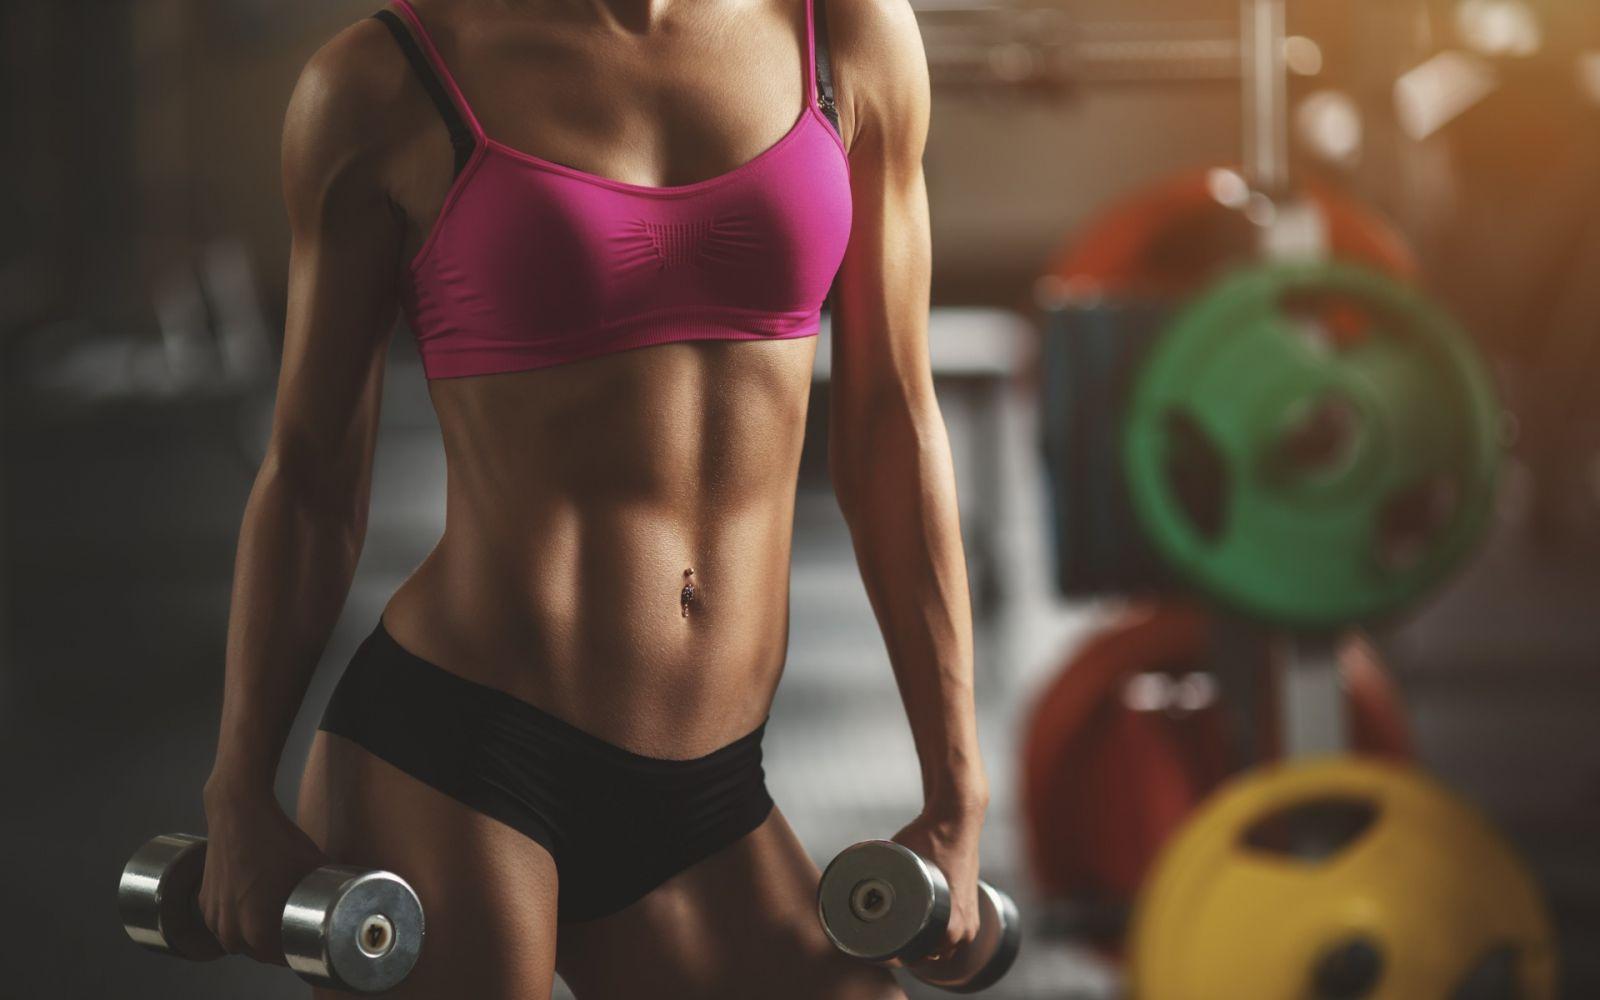 Как заниматься на беговой дорожке, чтоб похудеть